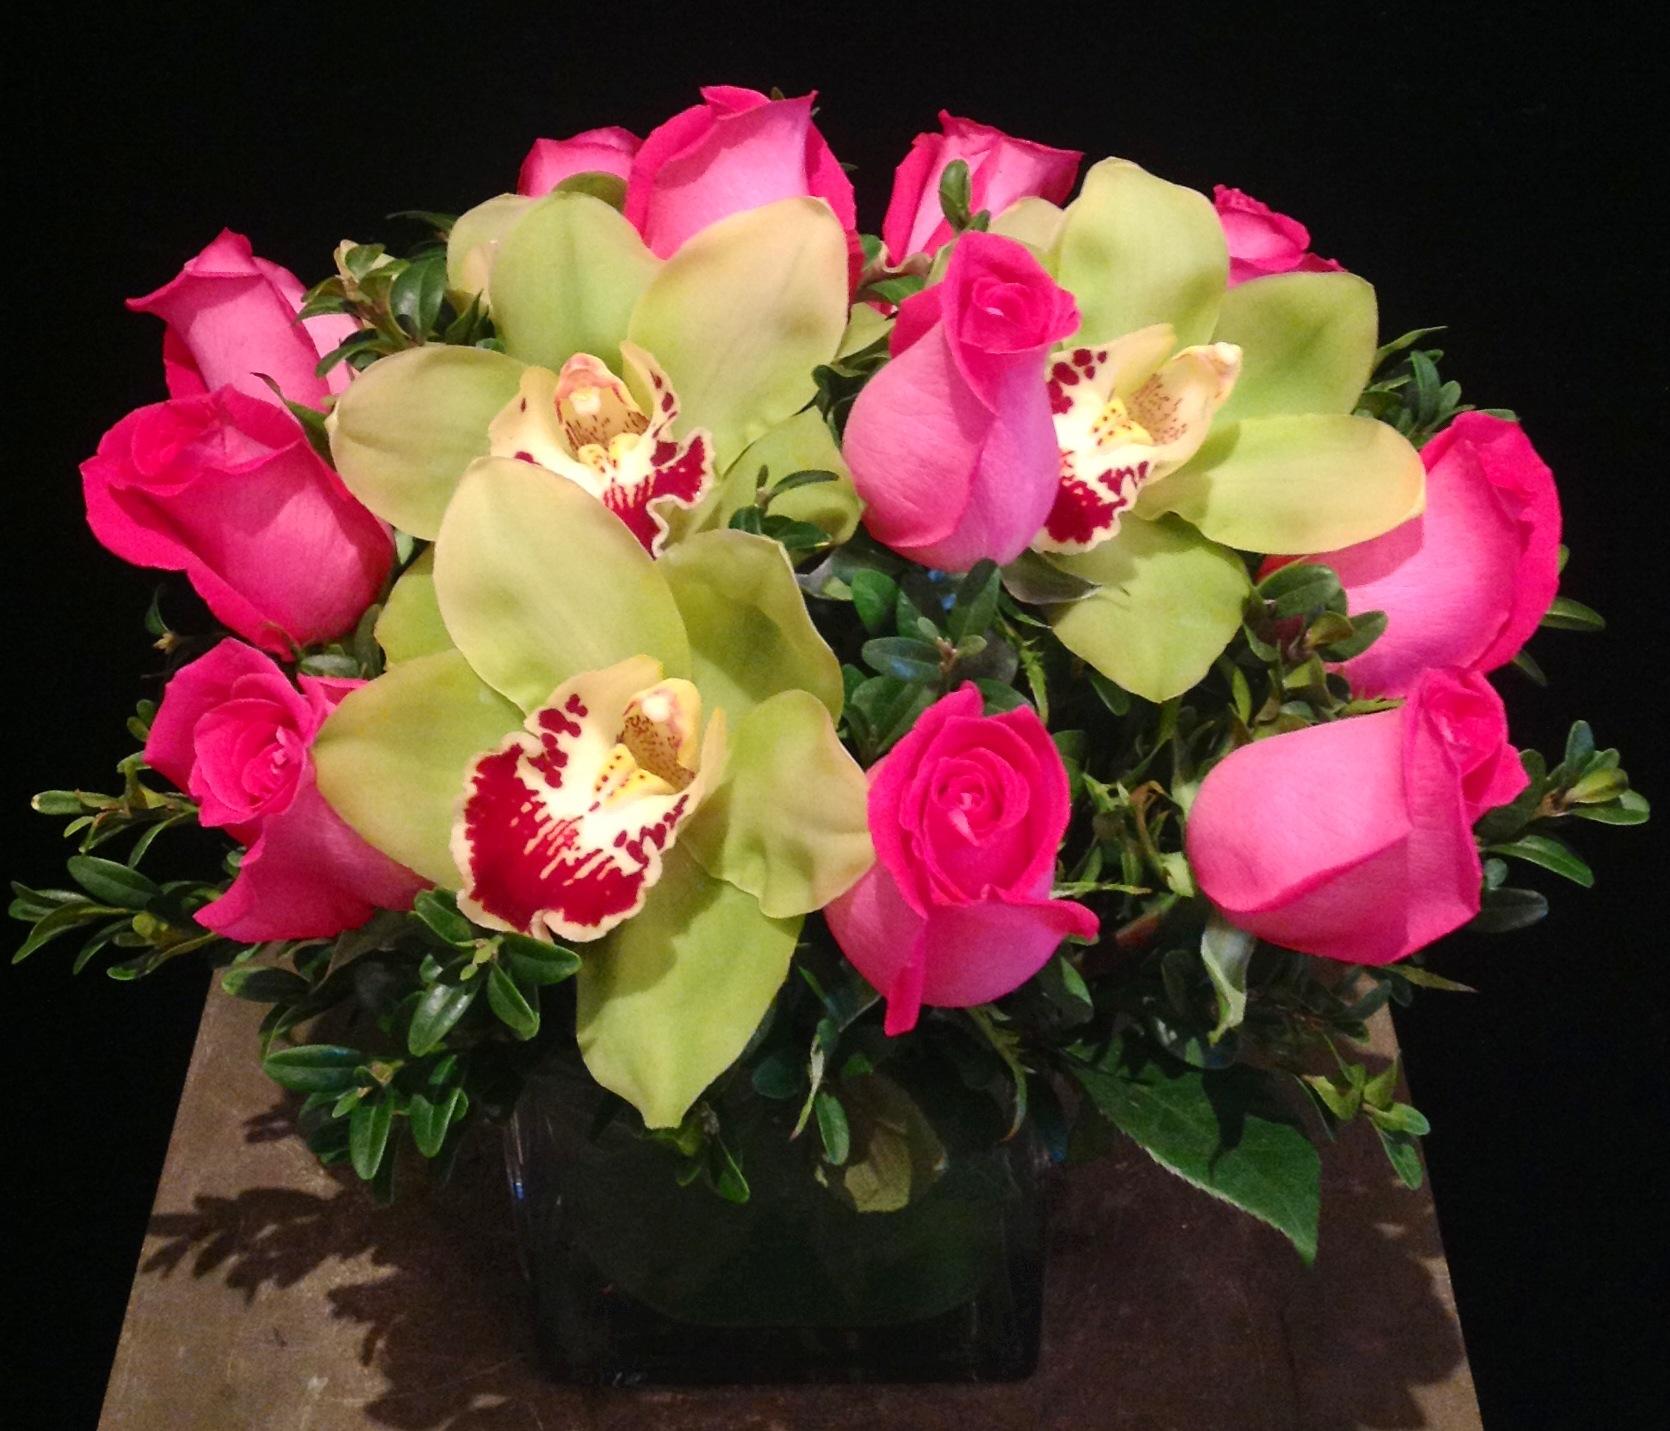 A Dozen Hot Pink Roses & Green Cymbidium Orchids